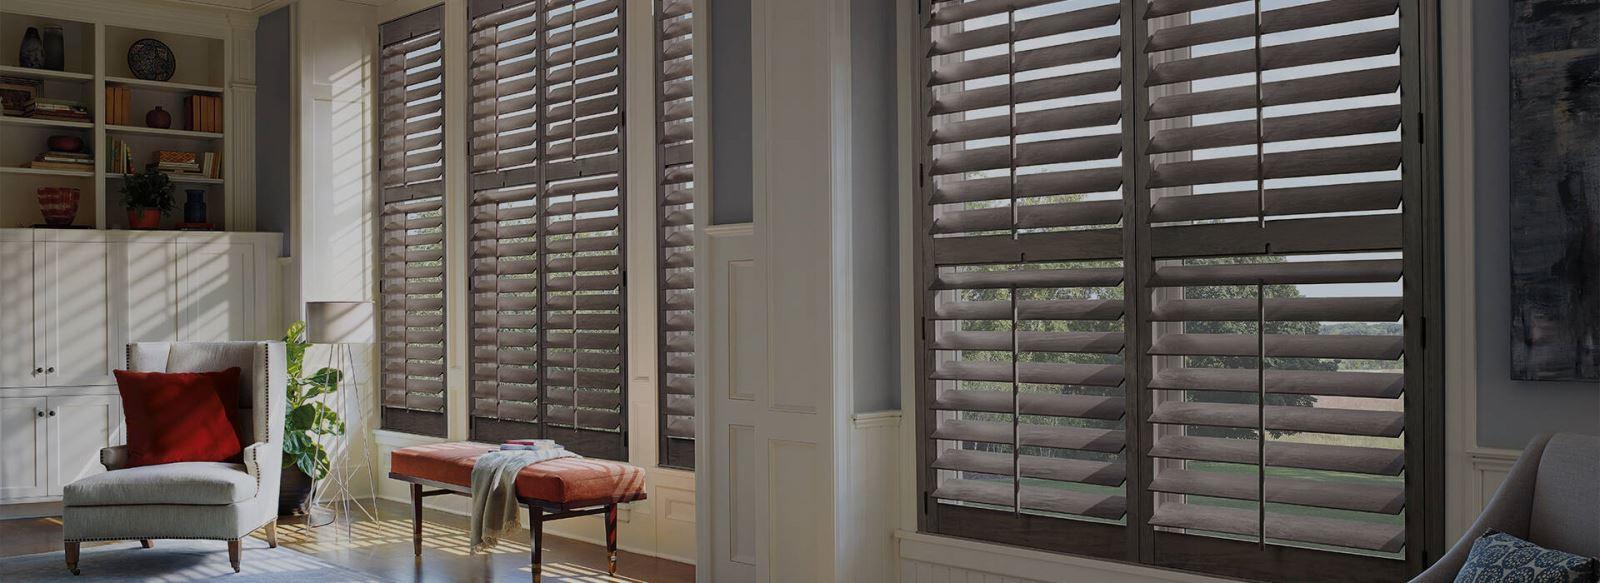 Mẫu cửa chớp 2 tầng với 2 kiểu mở khác nhau để điều chỉnh lượng gió vào nhà tùy ý gia chủ